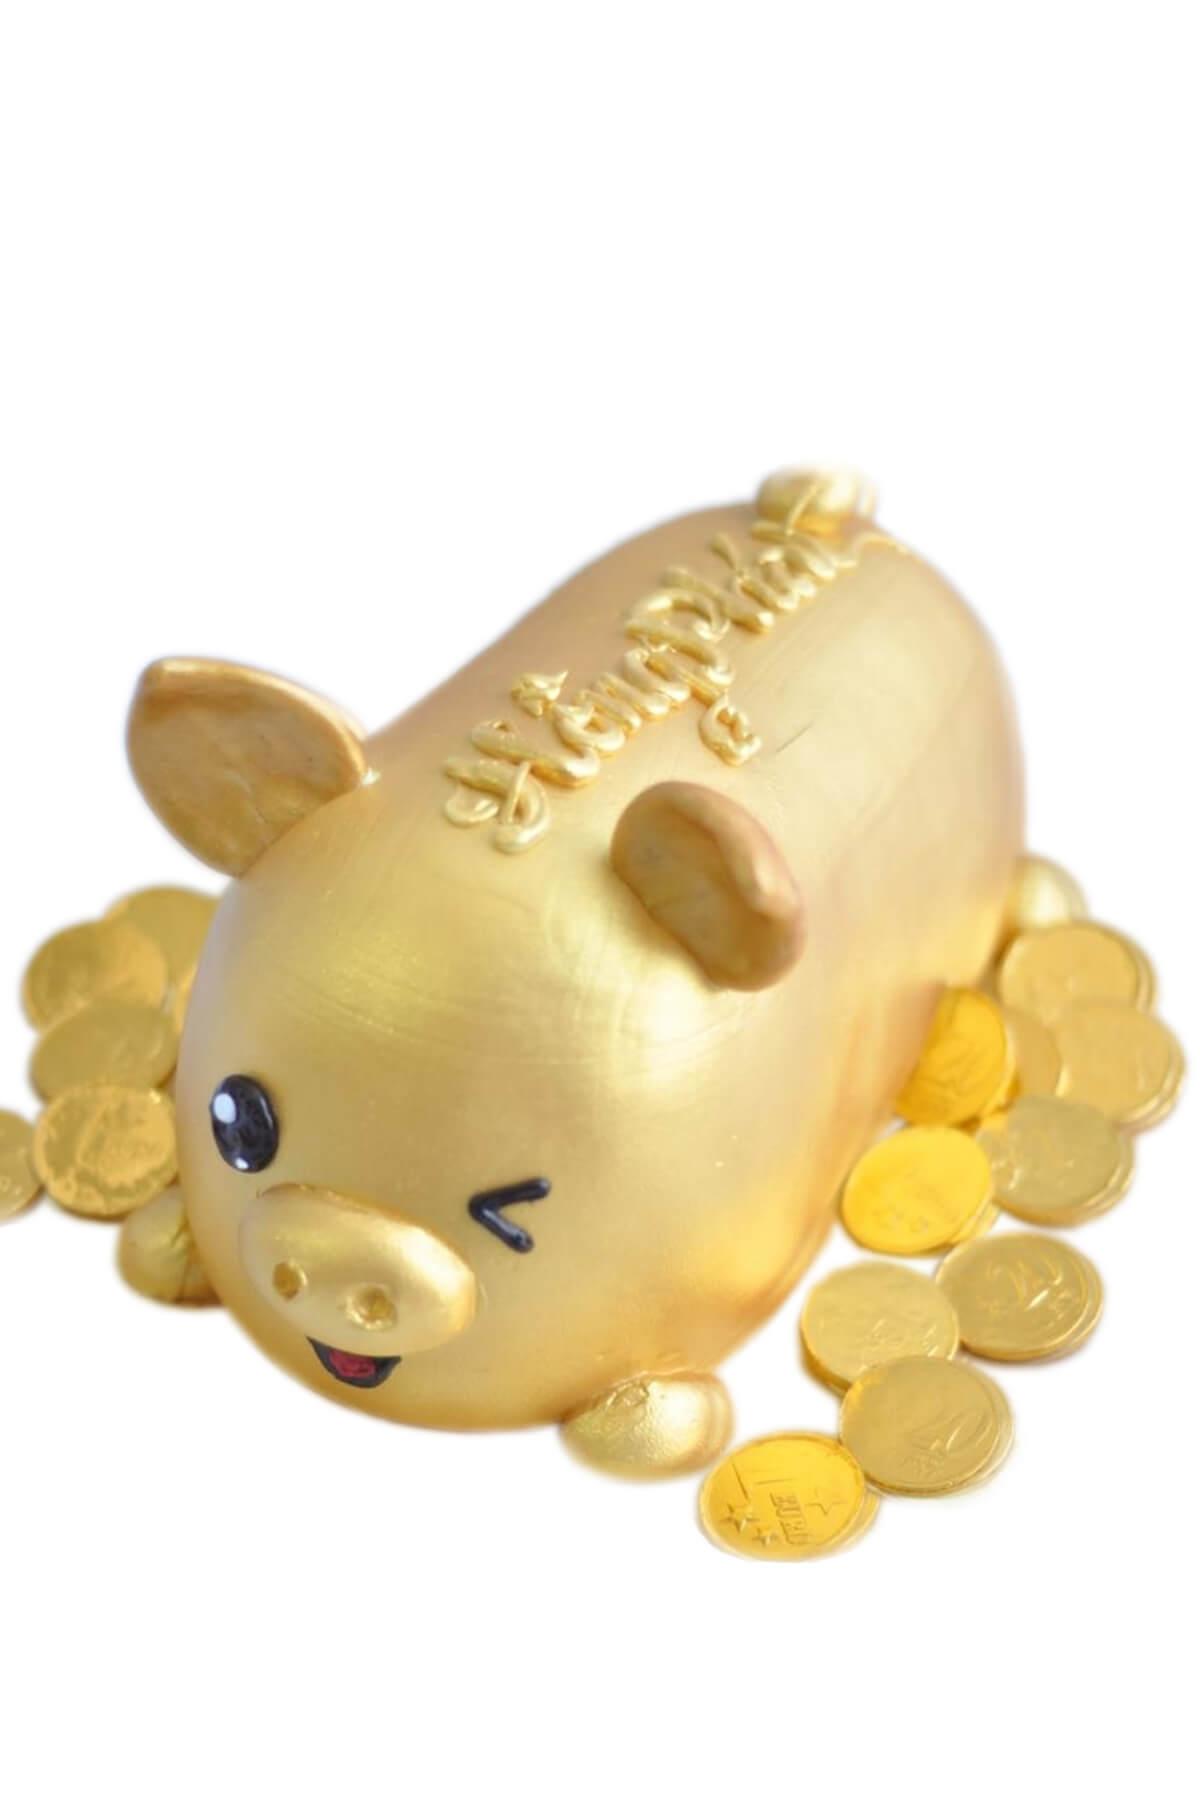 Bánh gato chú heo vàng và đồng tiền xu phát tài phát lộc, mừng khai trương công ty